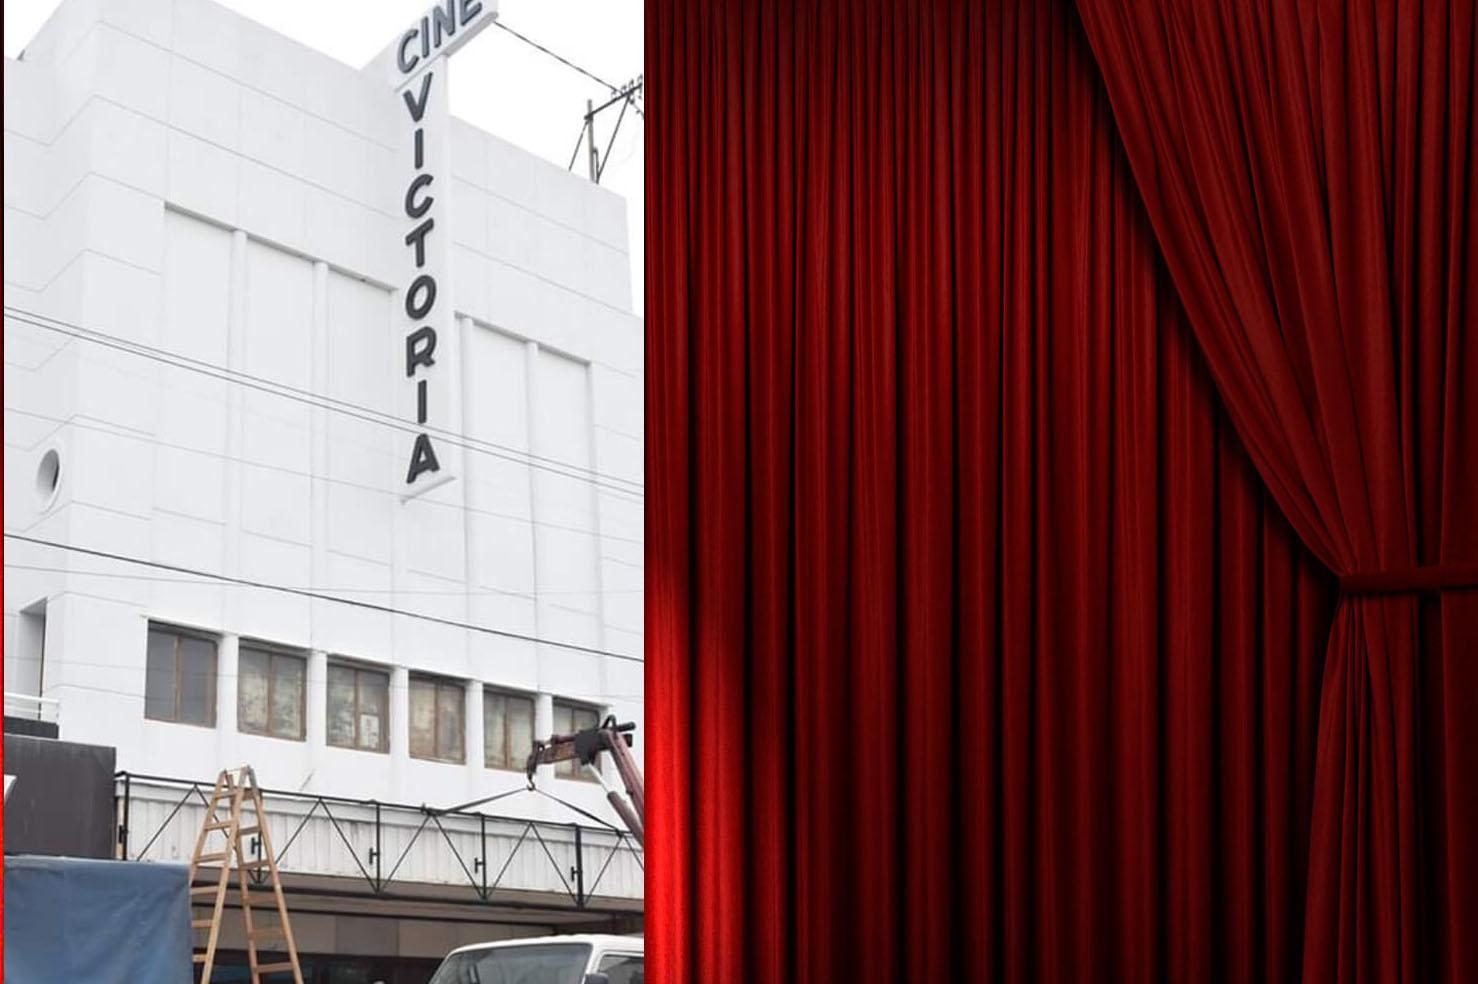 Este sábado 3 de agosto, a las 20 horas, se concretará la reapertura del Teatro Cine Victoria con un espectáculo de raíz berissense.